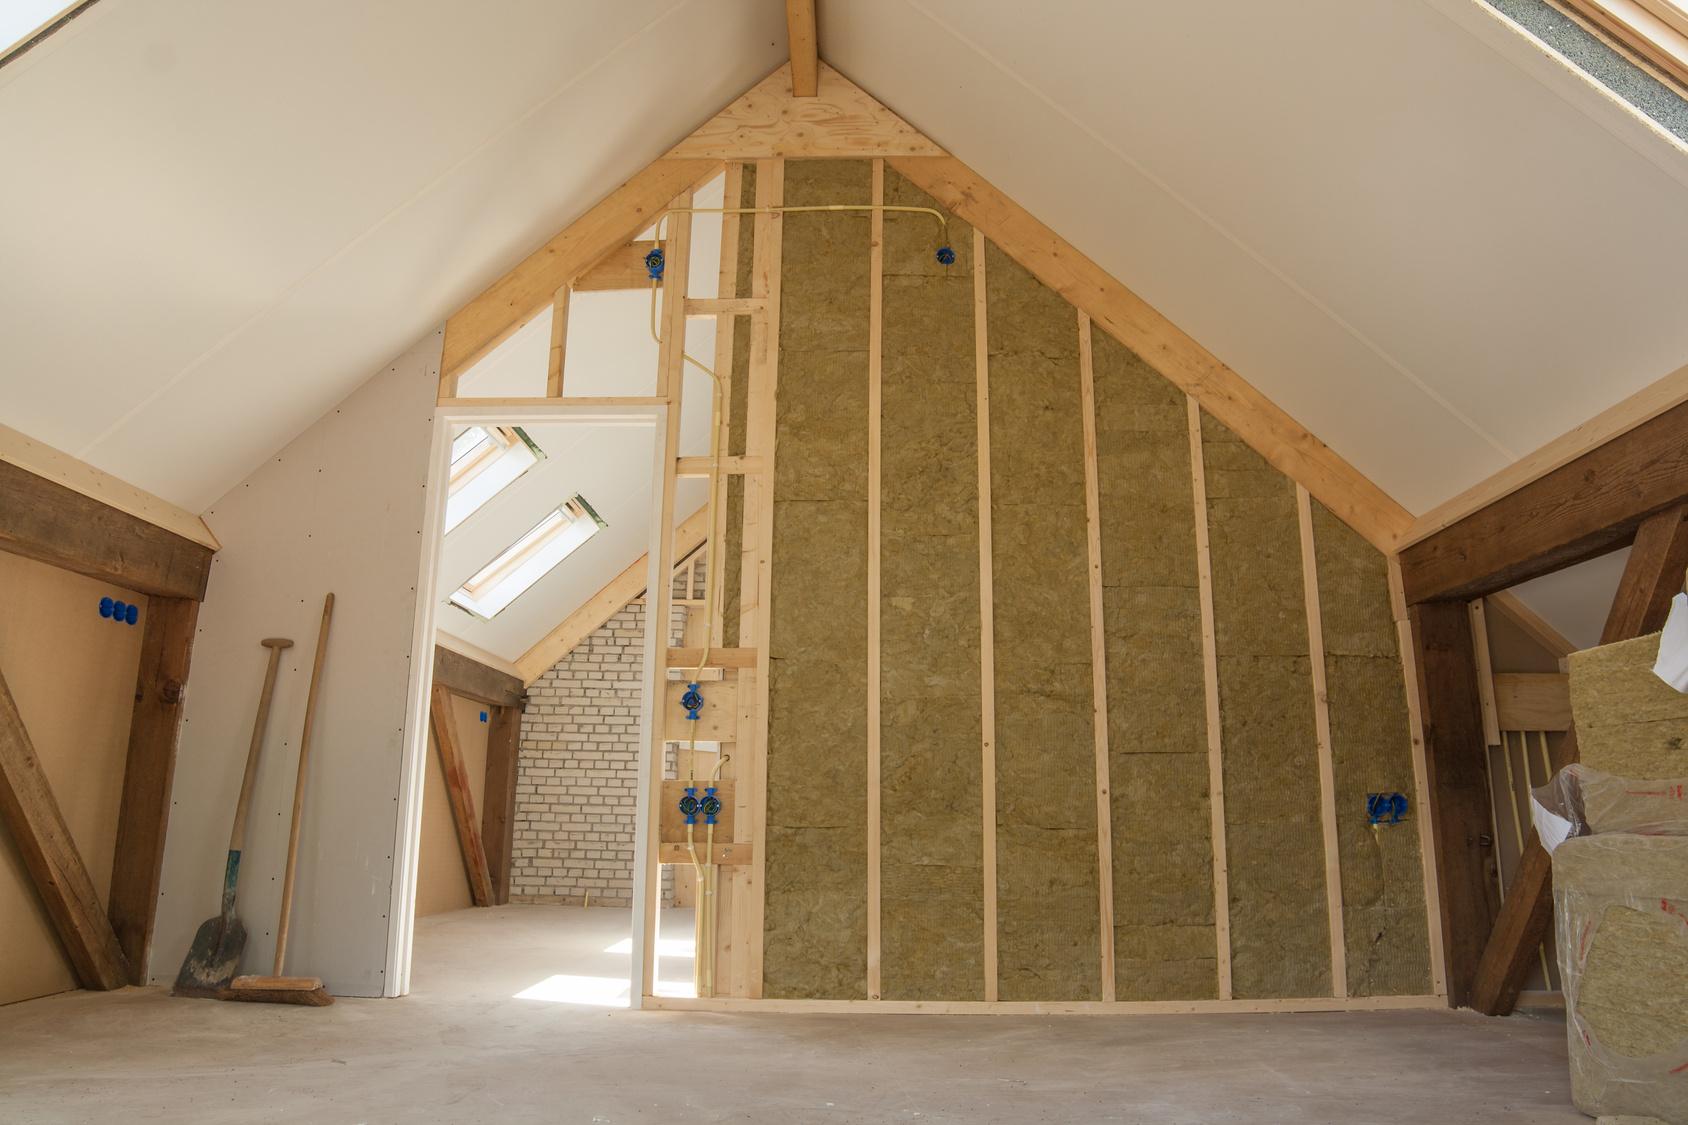 Isoler un mur m thodes et astuces pour isoler un mur - Plafond pour percevoir l apl ...